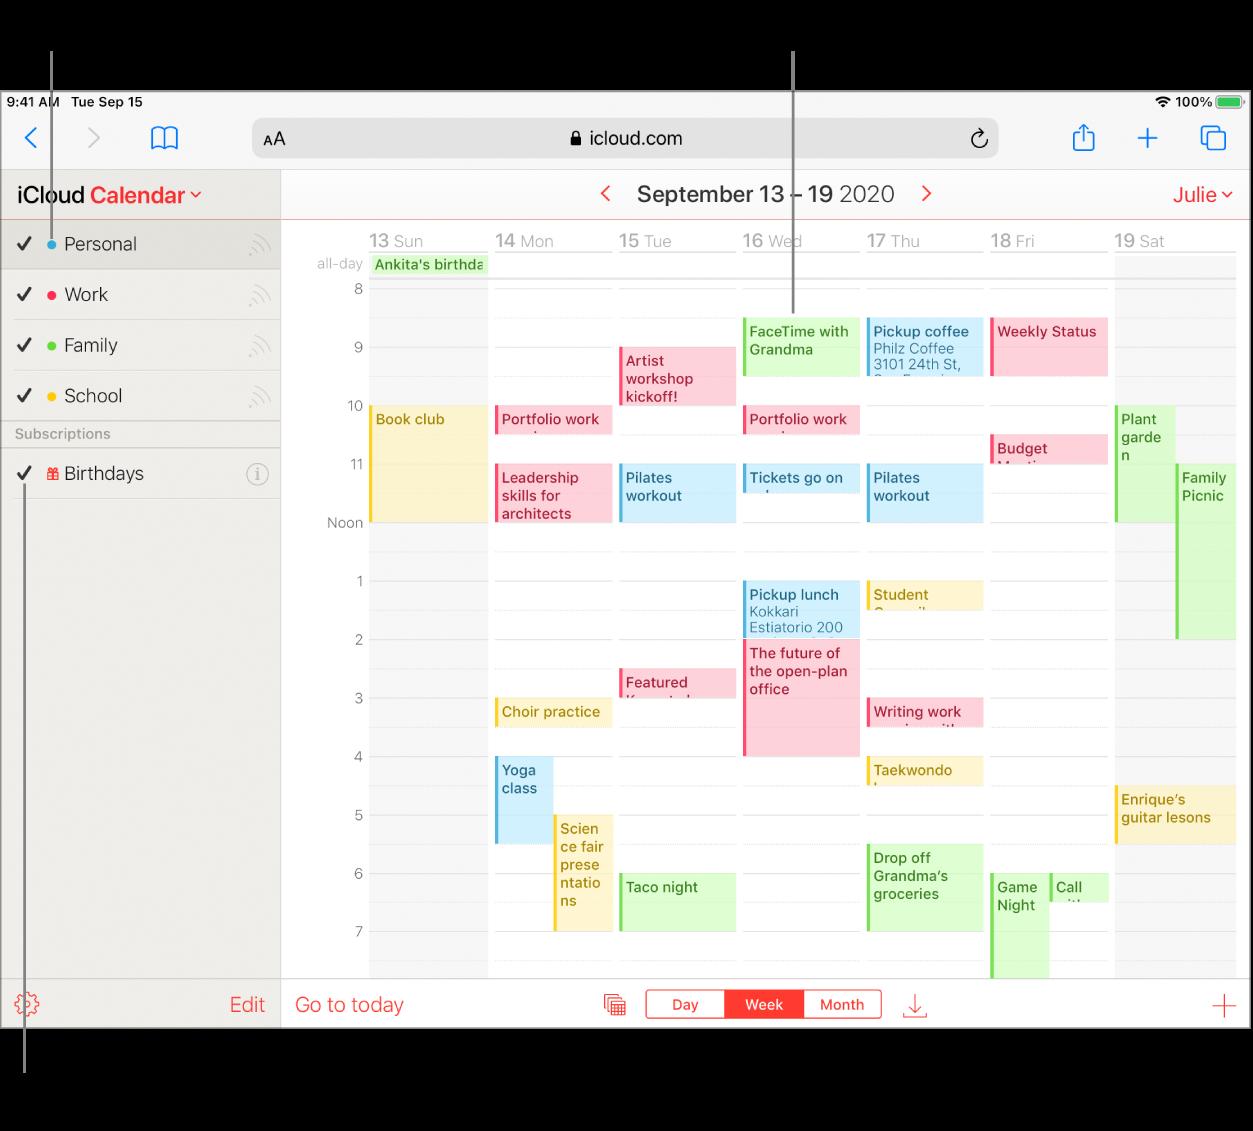 Okno aplikácie iCloudKalendár, vktorom sa zobrazuje viacero kalendárov. Každému kalendáru môžete priradiť inú farbu. Farba udalosti označuje, vktorom kalendári je udalosť uložená. Začiarknutím alebo zrušením začiarknutia políčka si môžete príslušný kalendár zobraziť alebo skryť.